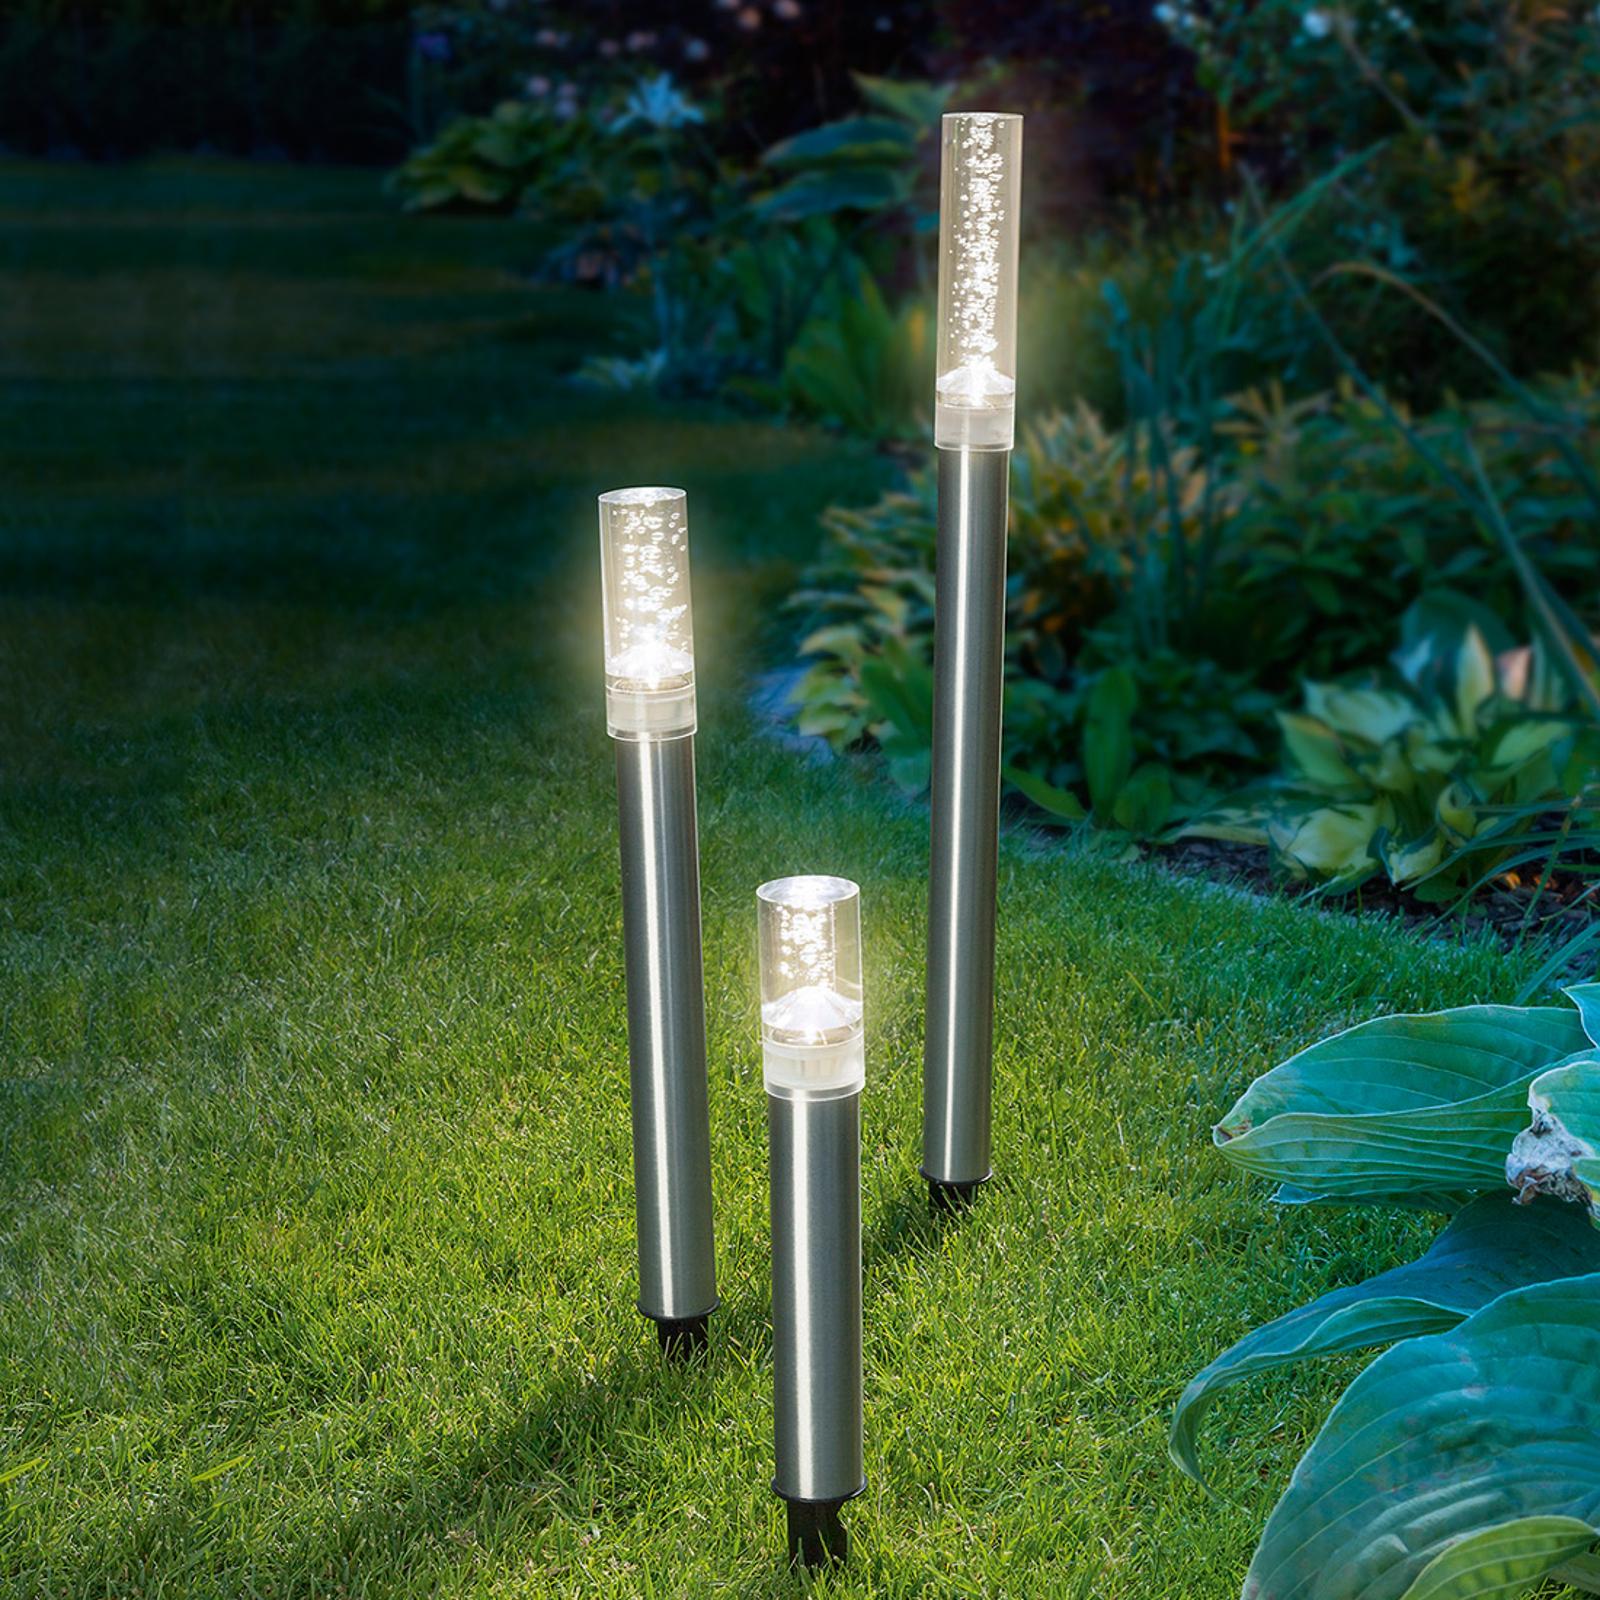 Súpravy 3 kusov solárnych LED tyčí Trio Sticks_3012521_1